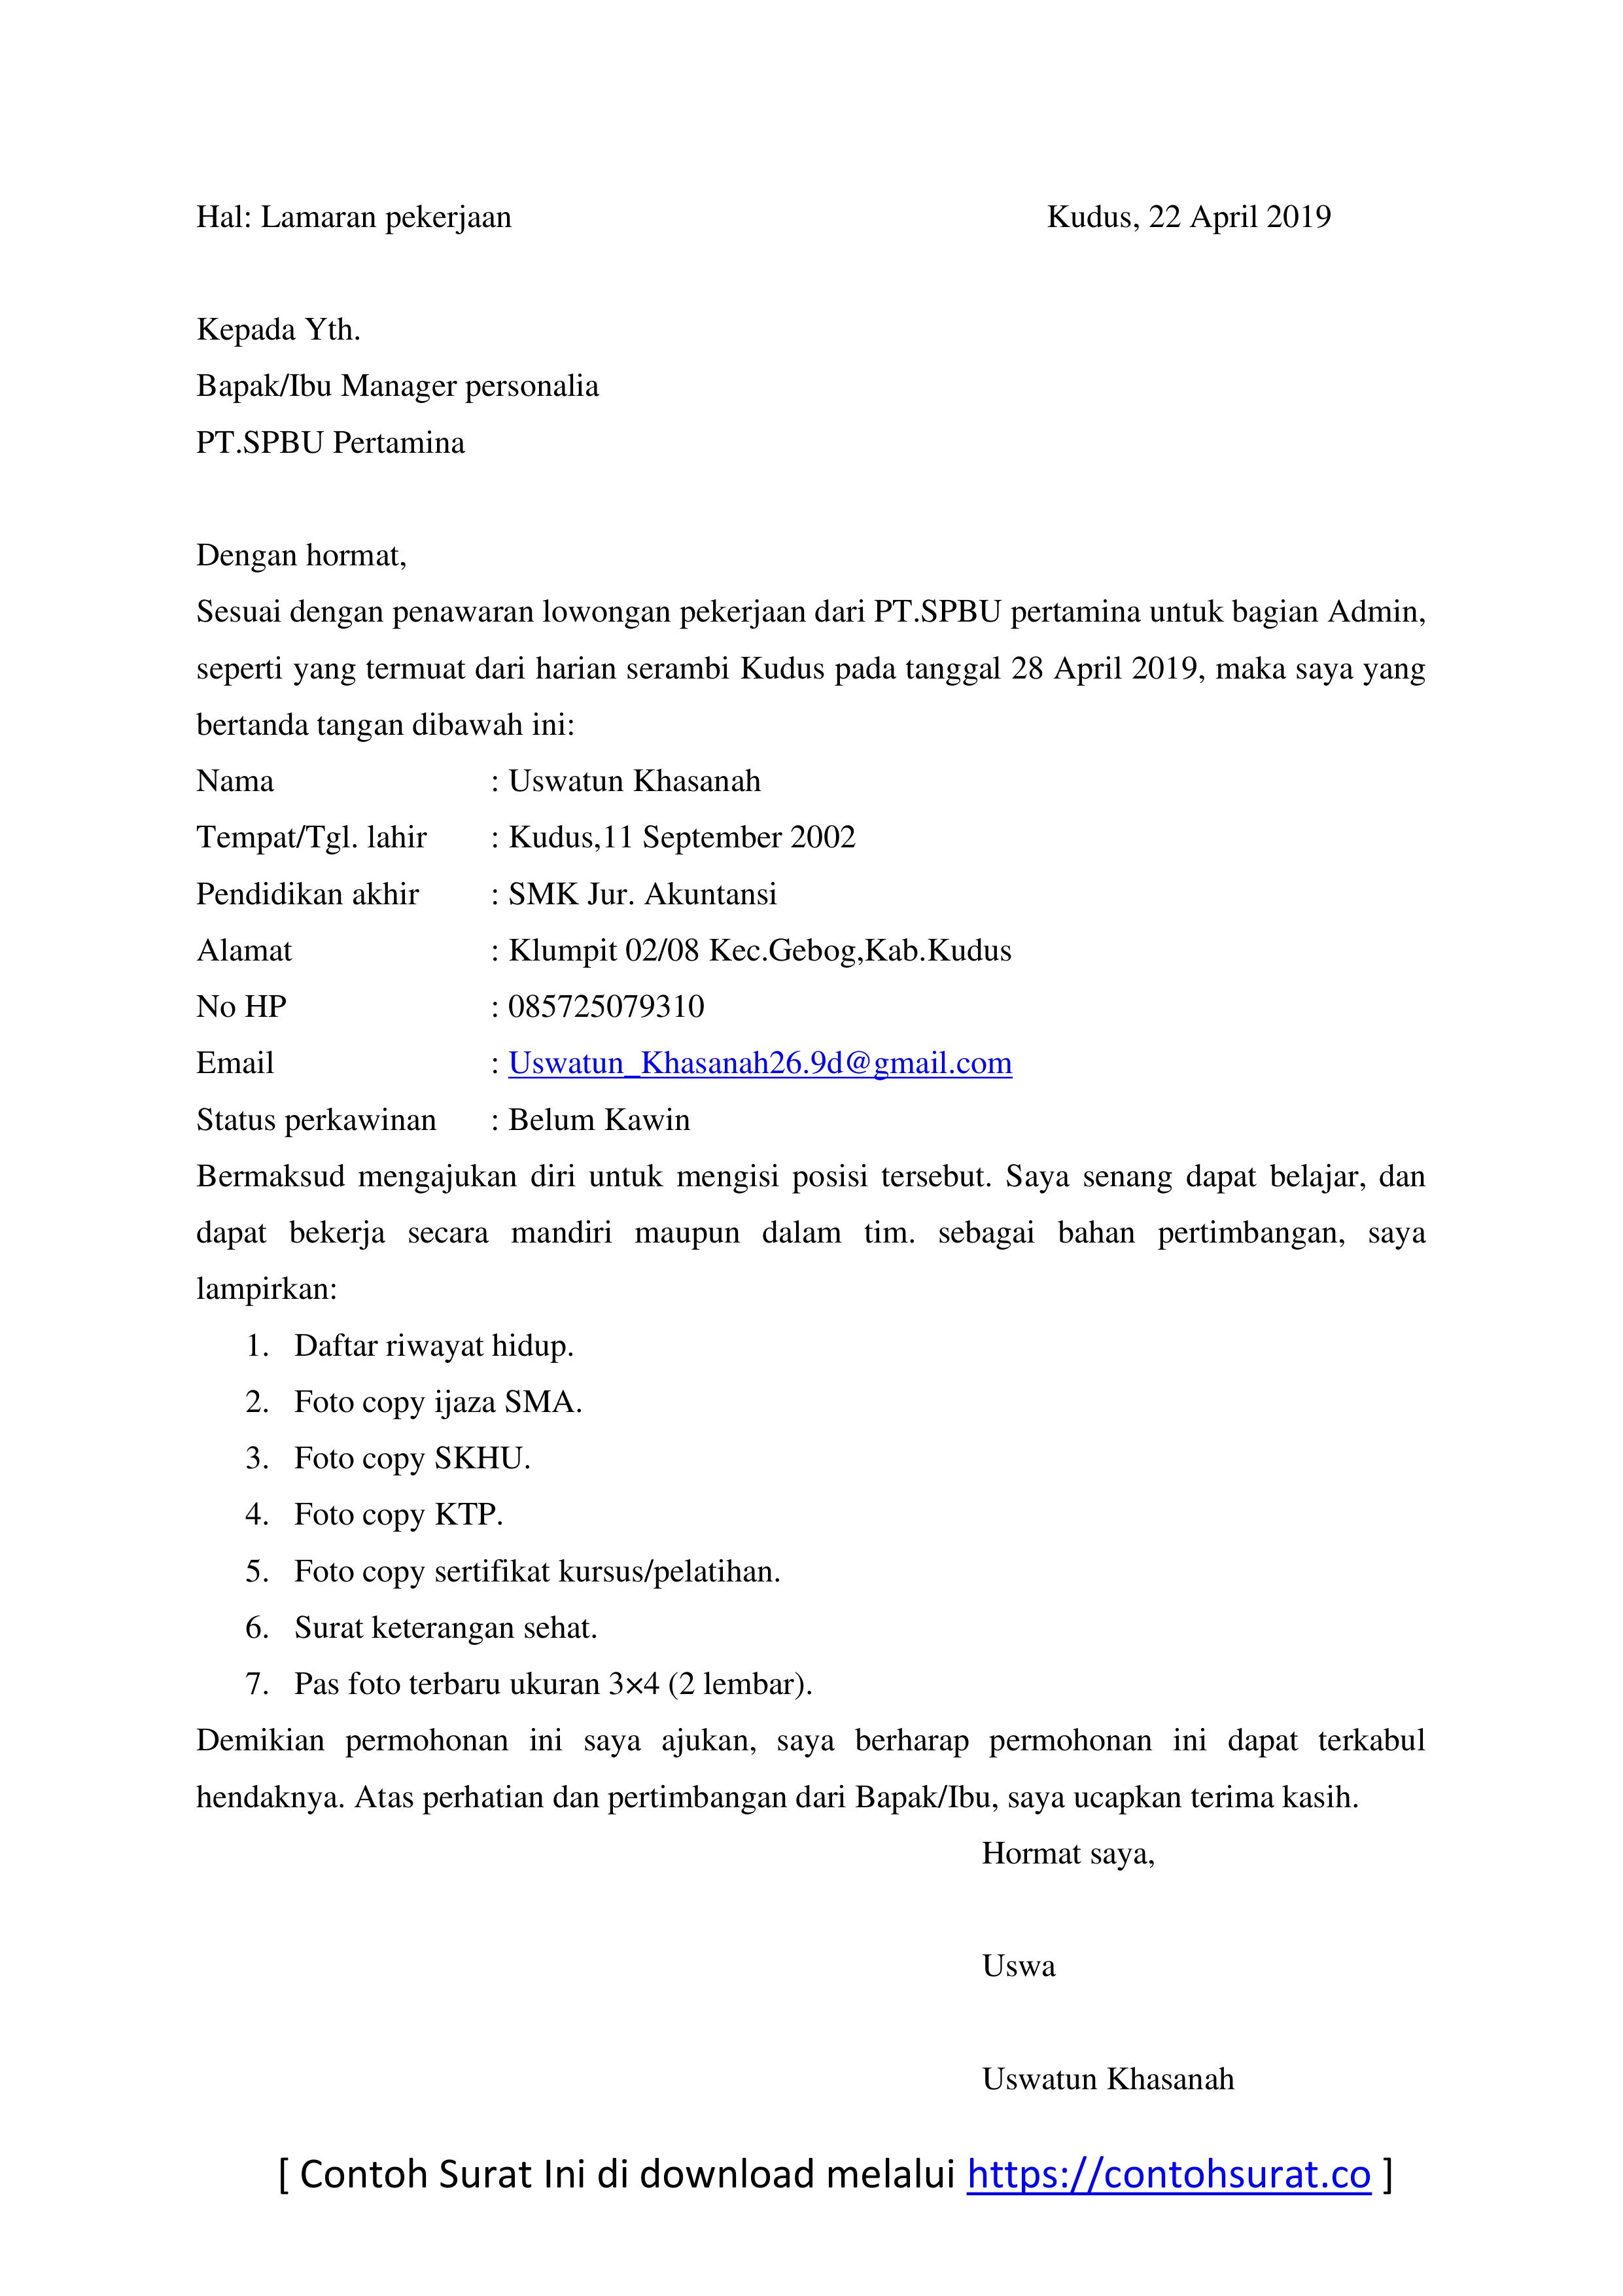 Contoh Surat Lamaran Kerja Di SPBU Bagian Admin